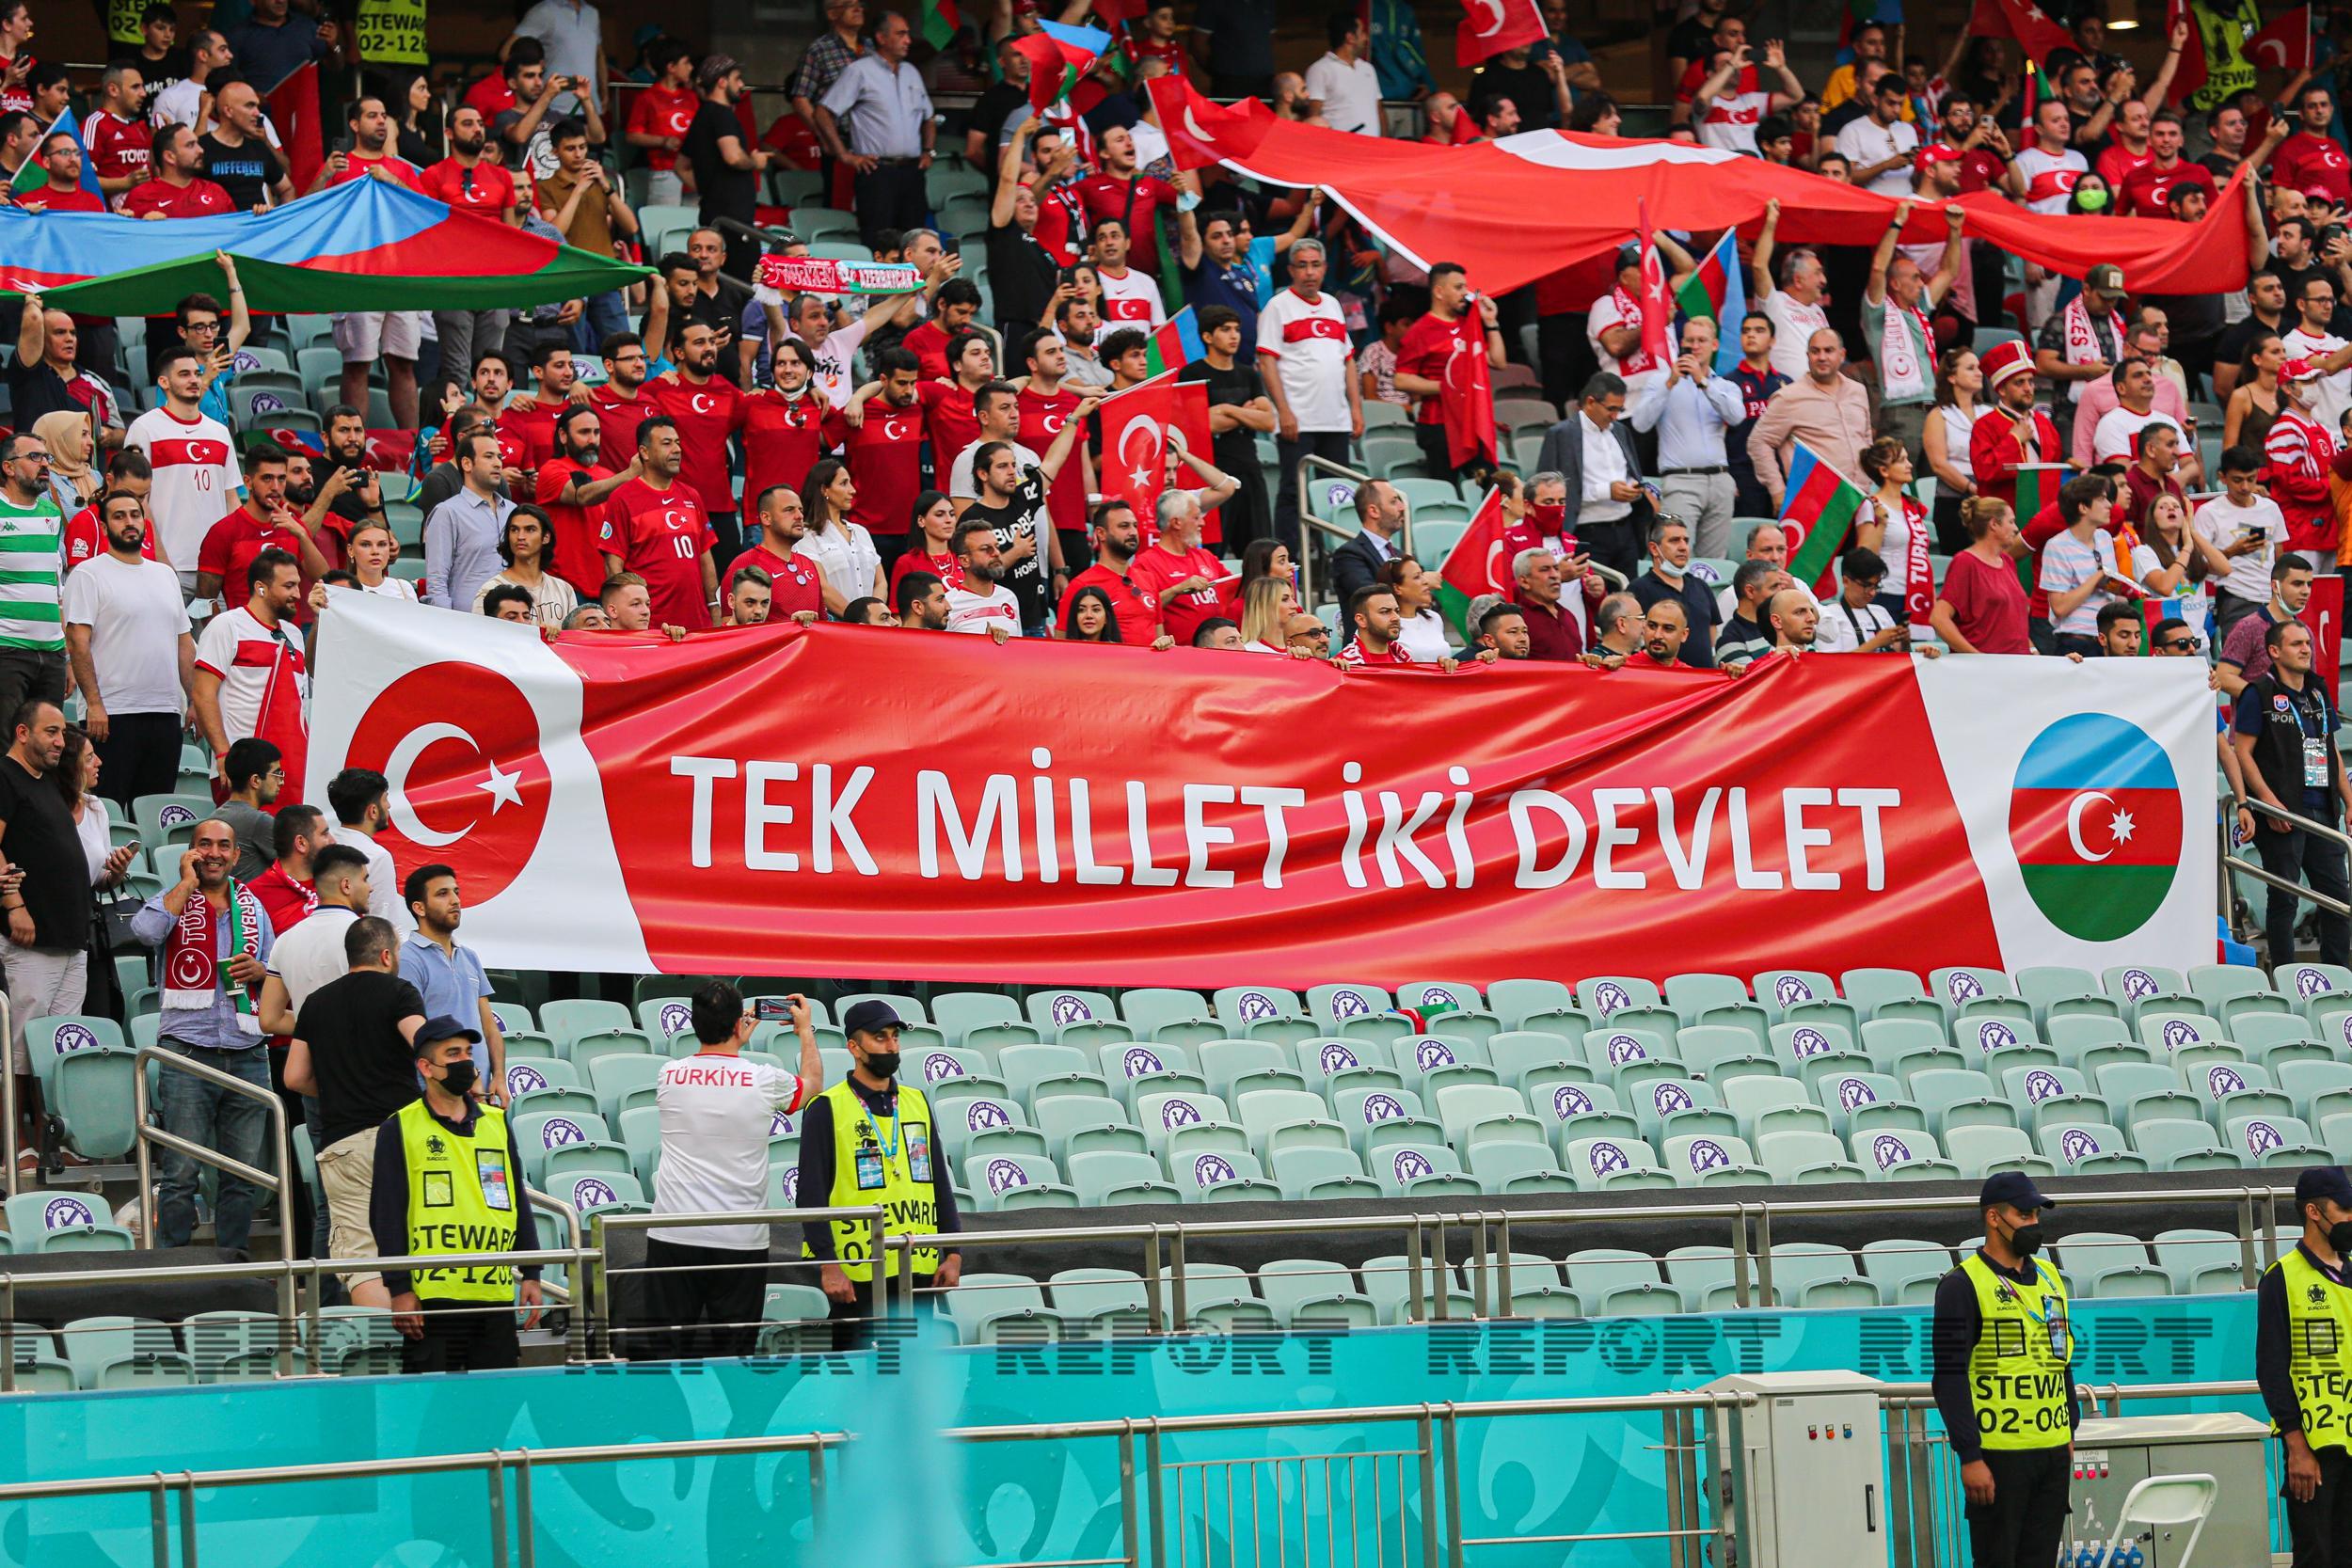 Türkiyə və Uelsin futbol ulduzları Bakıda nə qədər adam toplayıb?